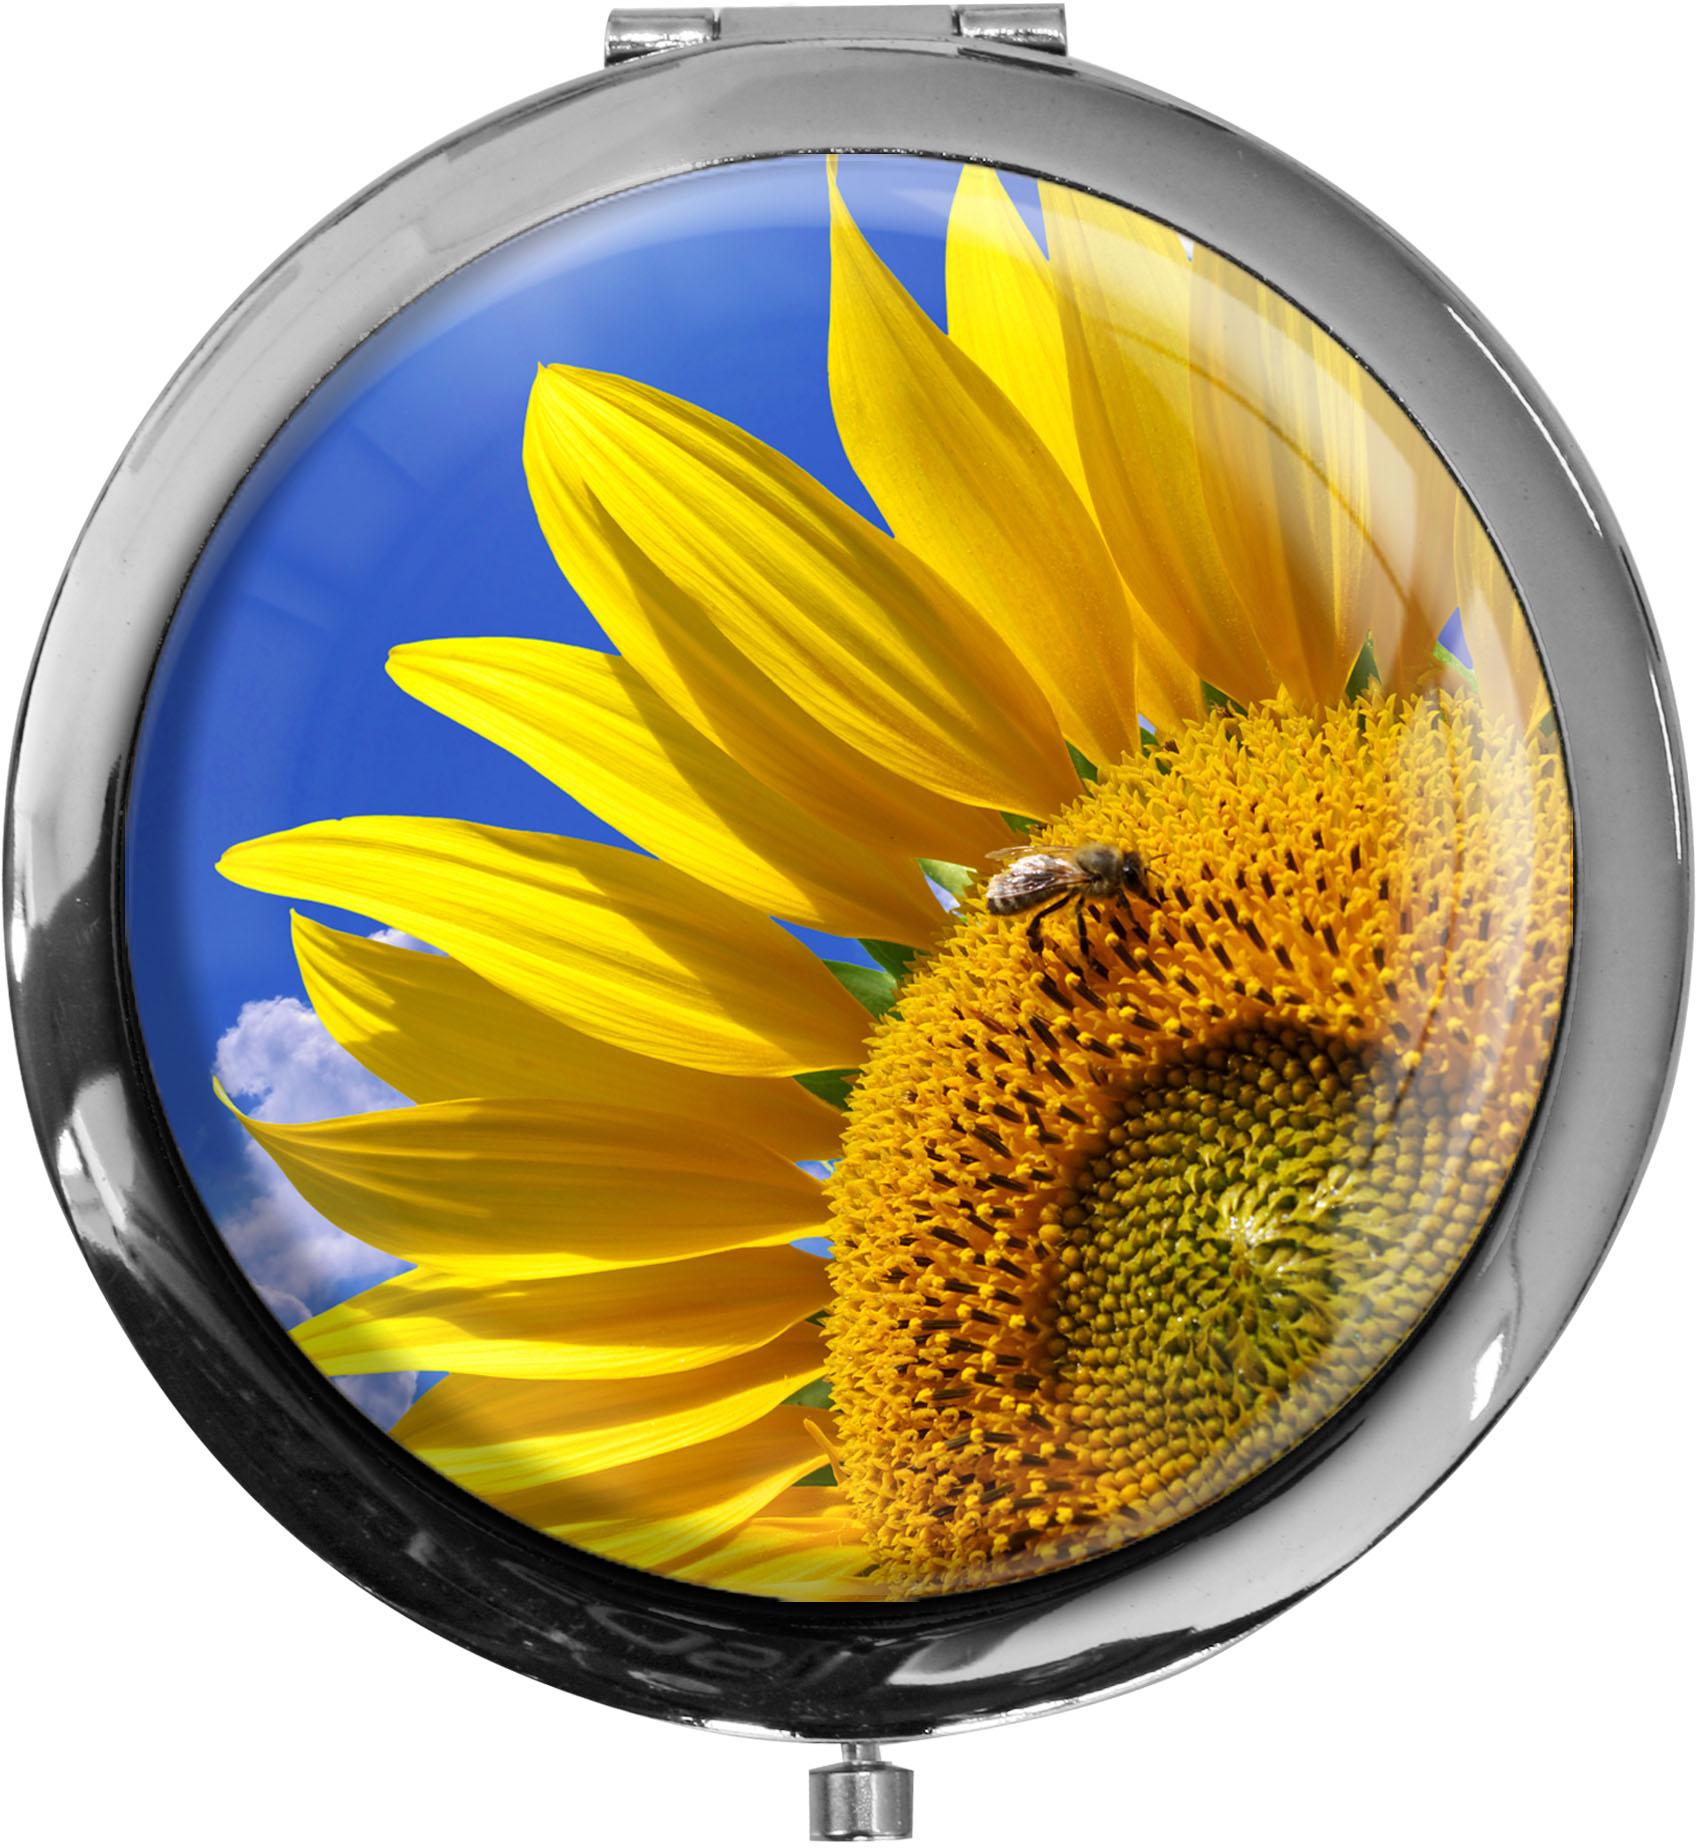 Taschenspiegel / Spiegel / Sonnenblume